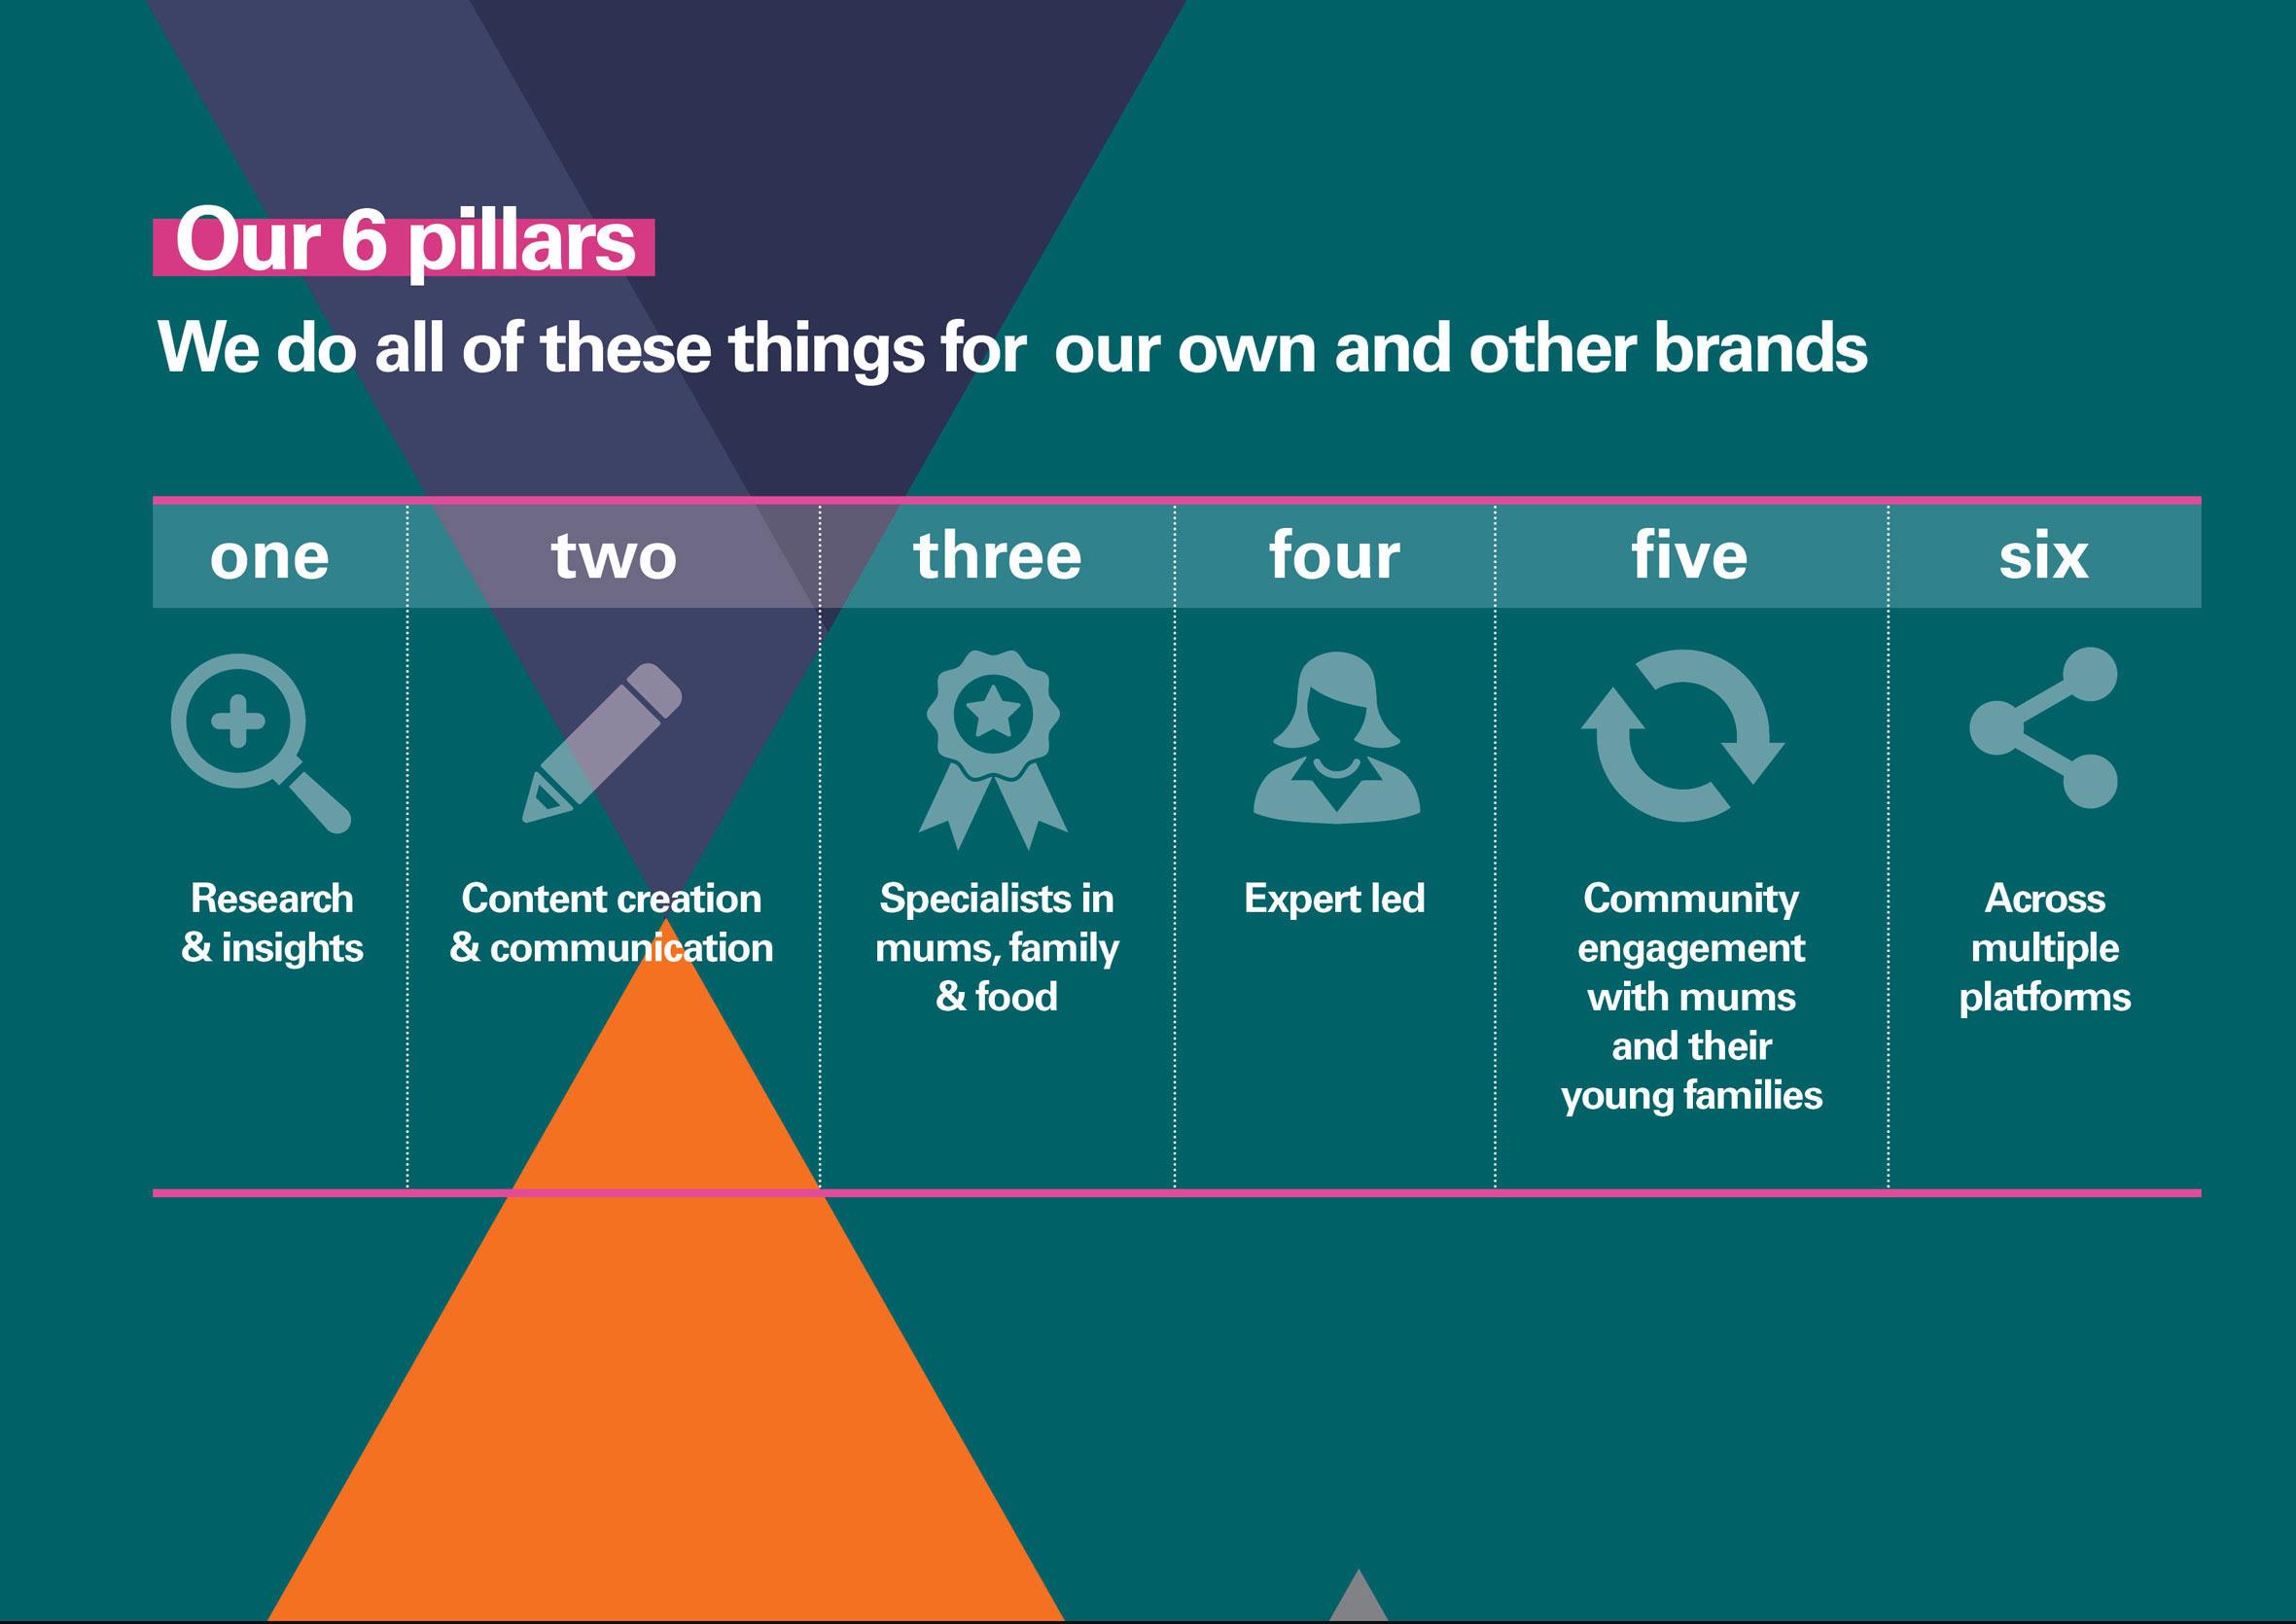 6-pillars